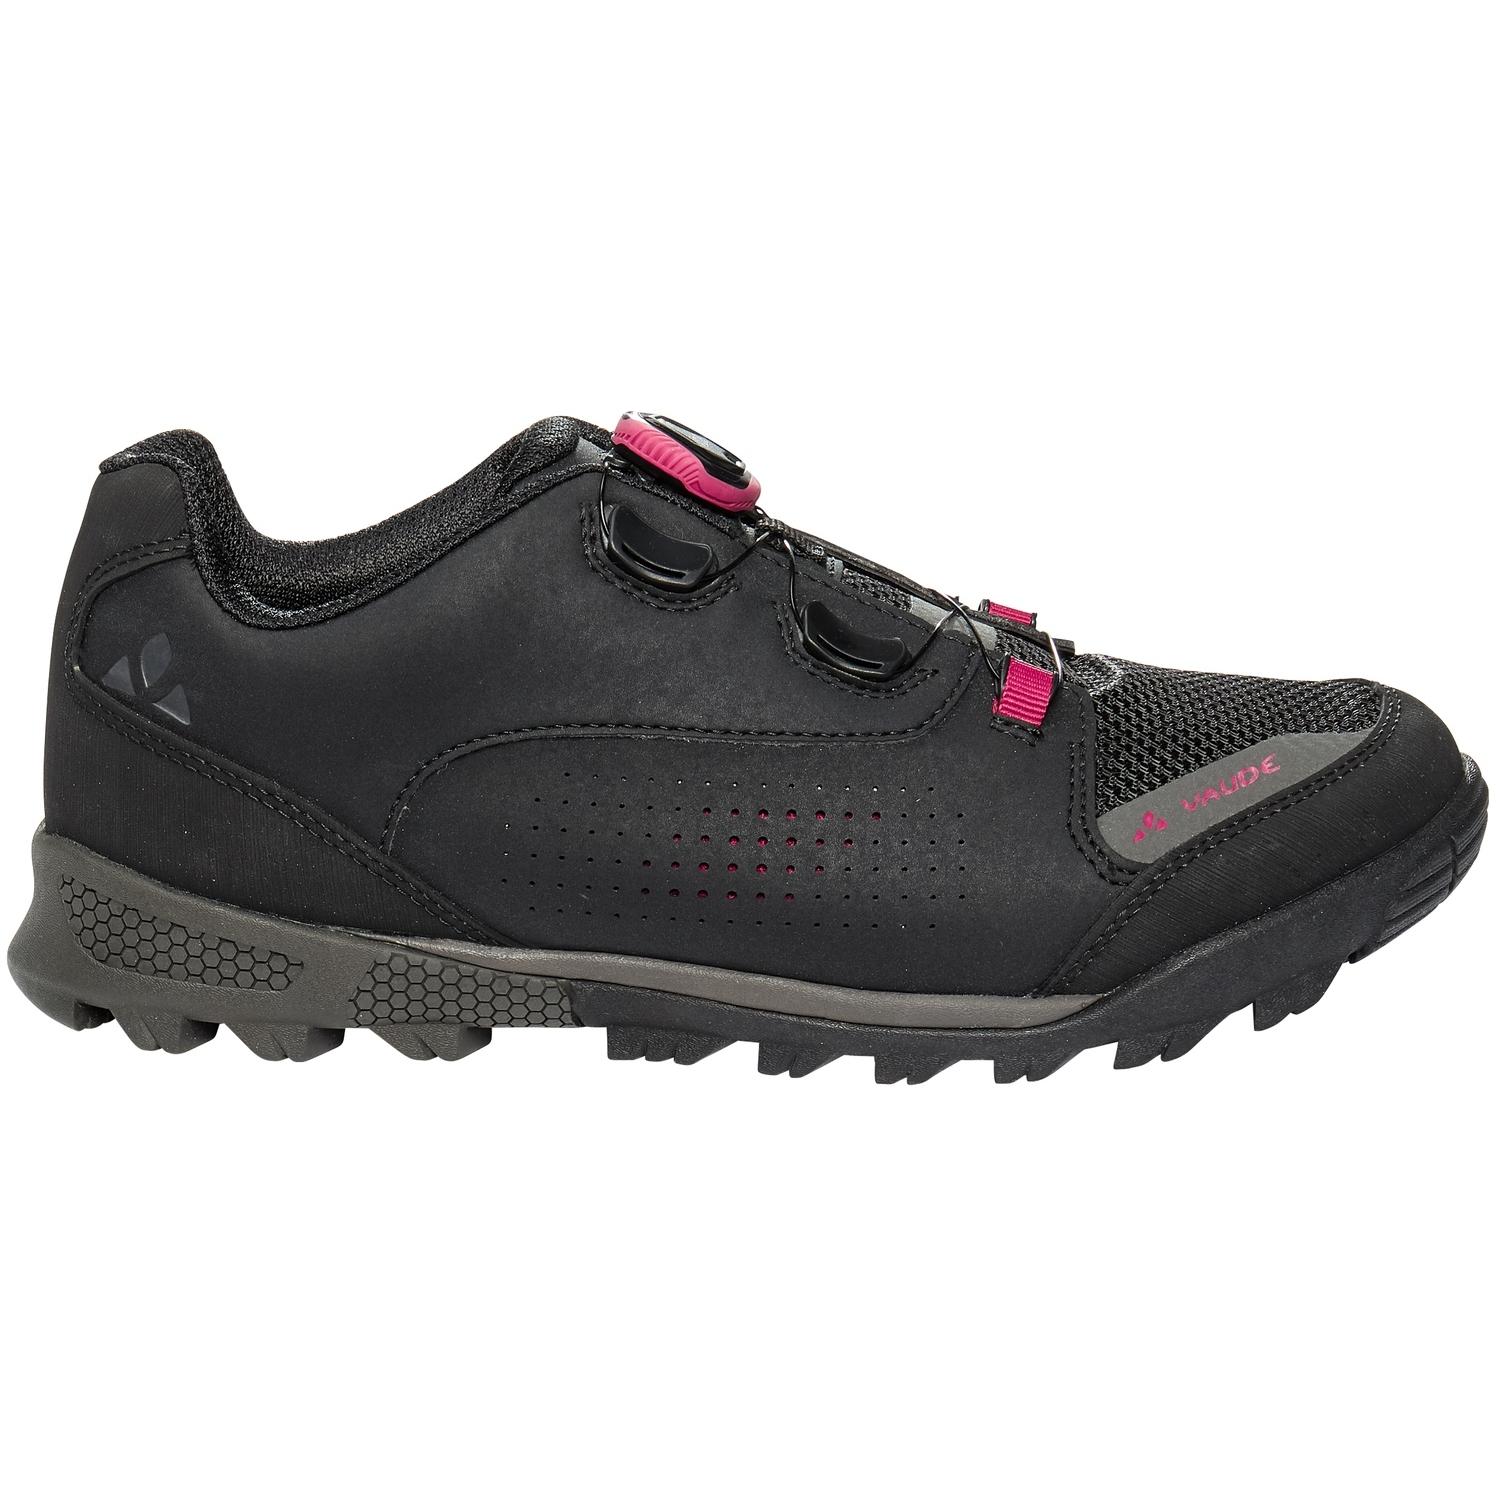 Vaude Downieville Tech Damen-Schuhe - schwarz